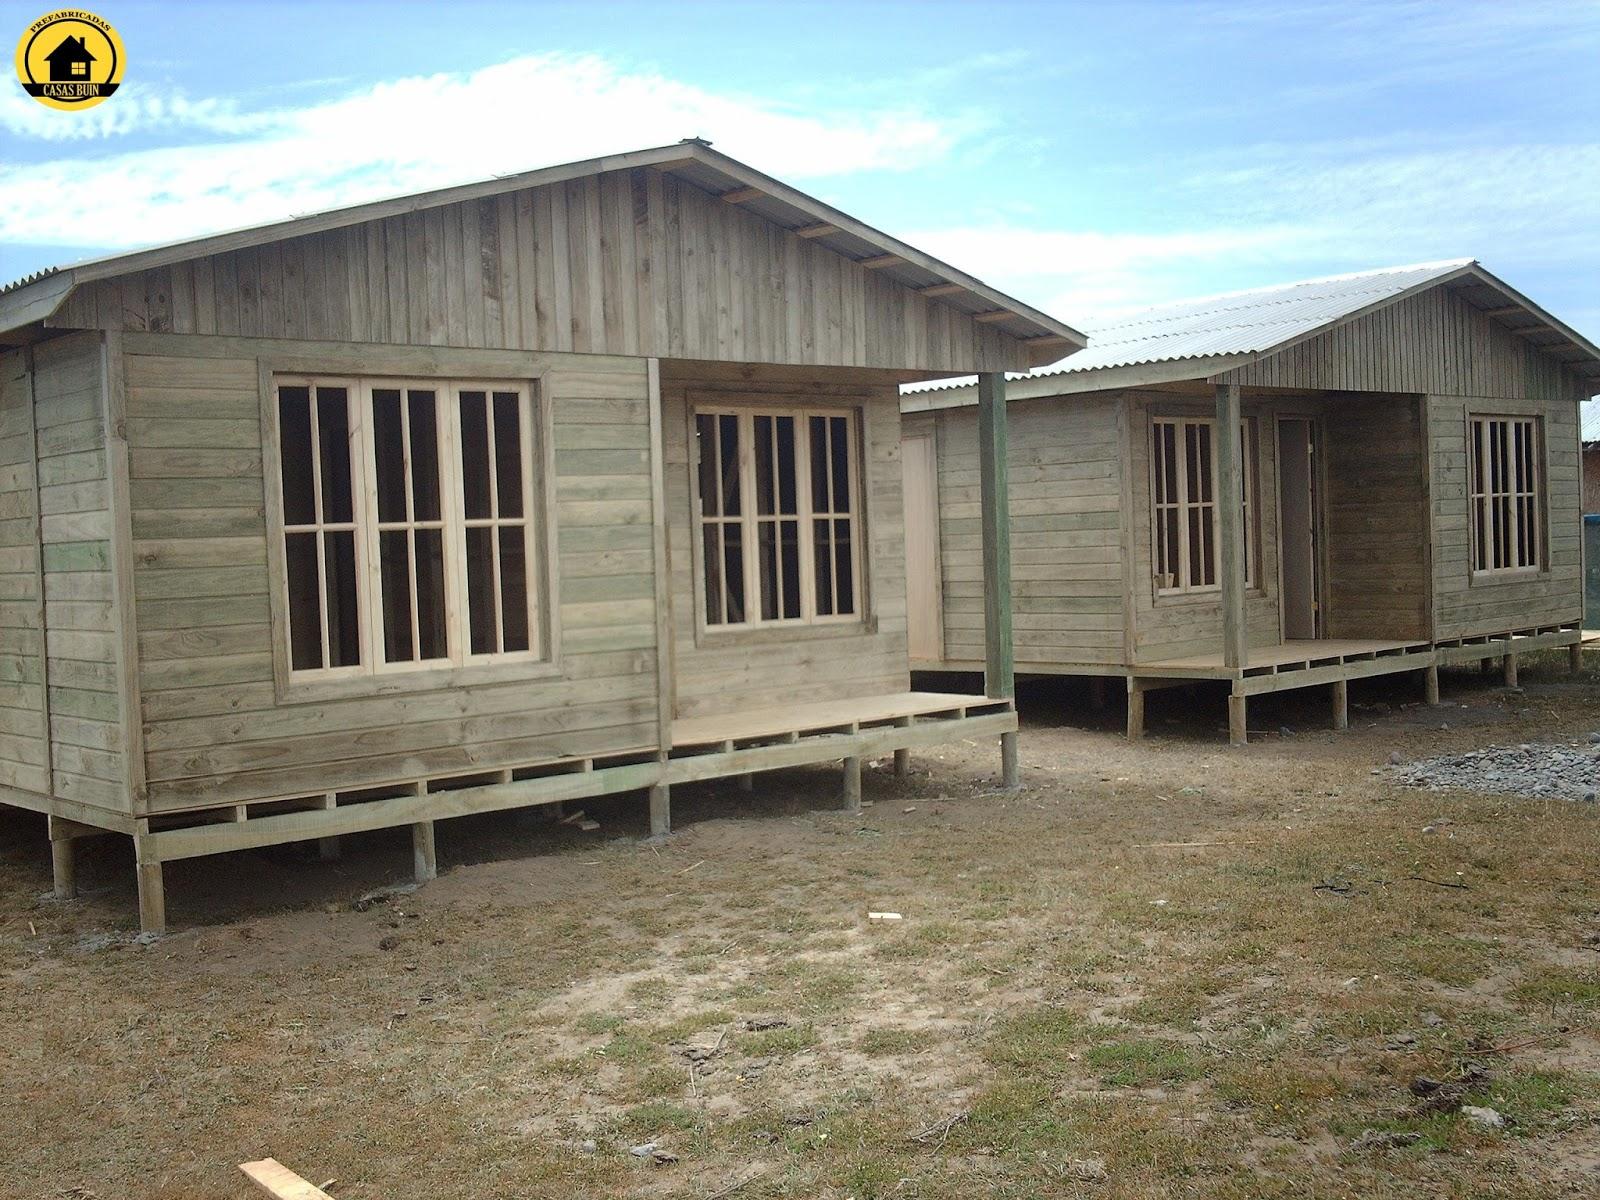 Casas prefabricadas buin en chile casas prefabricadas - Casas prefabricadas y precios ...